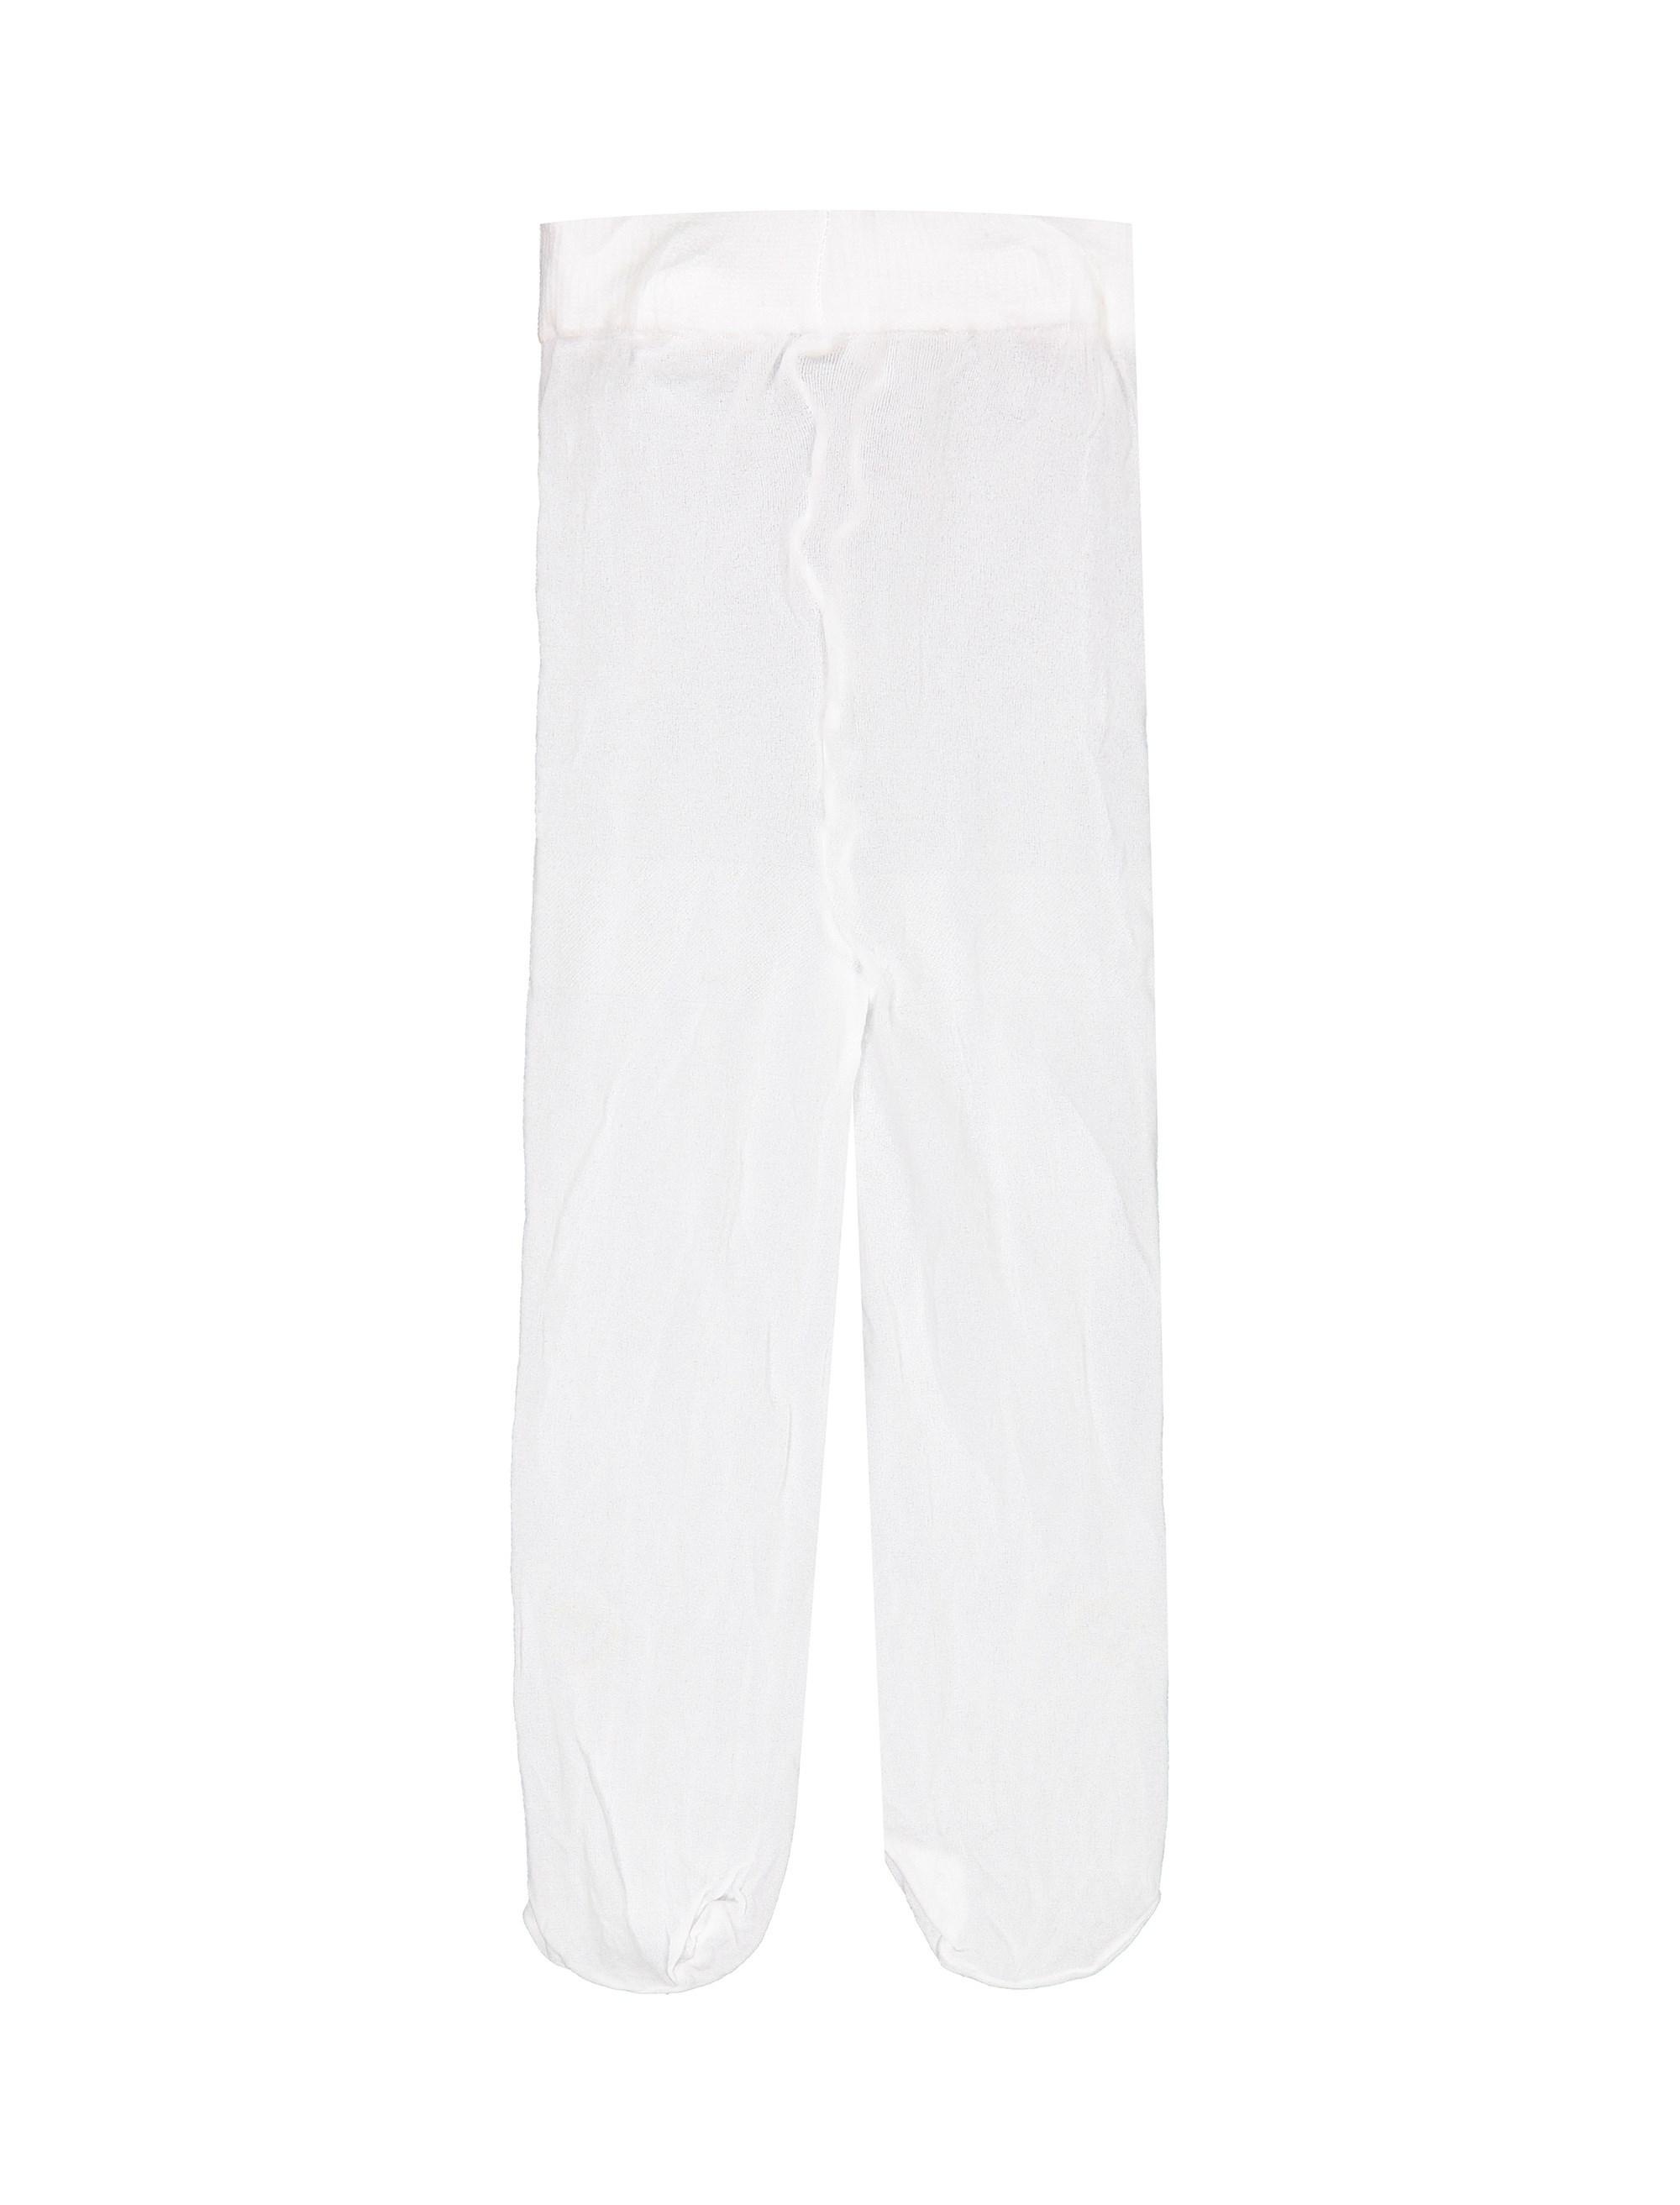 جوراب شلواری نوزادی دخترانه - ایدکس - سفيد - 2